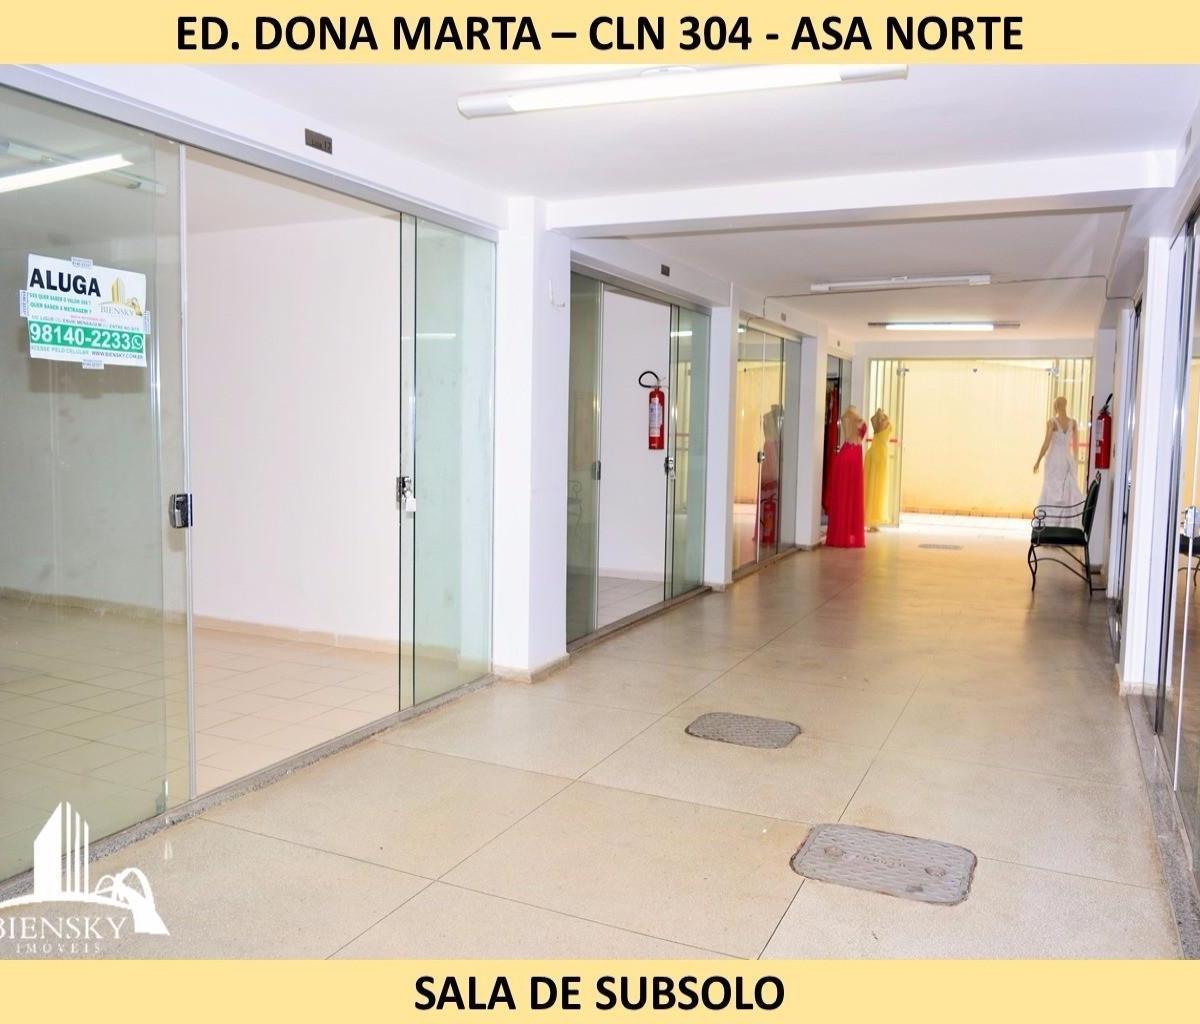 Imagens de #9F7D2C Comercial para aluguel com 0 Asa Norte Brasília R$ 890 ID  1200x1024 px 3560 Blindex Banheiro Asa Norte